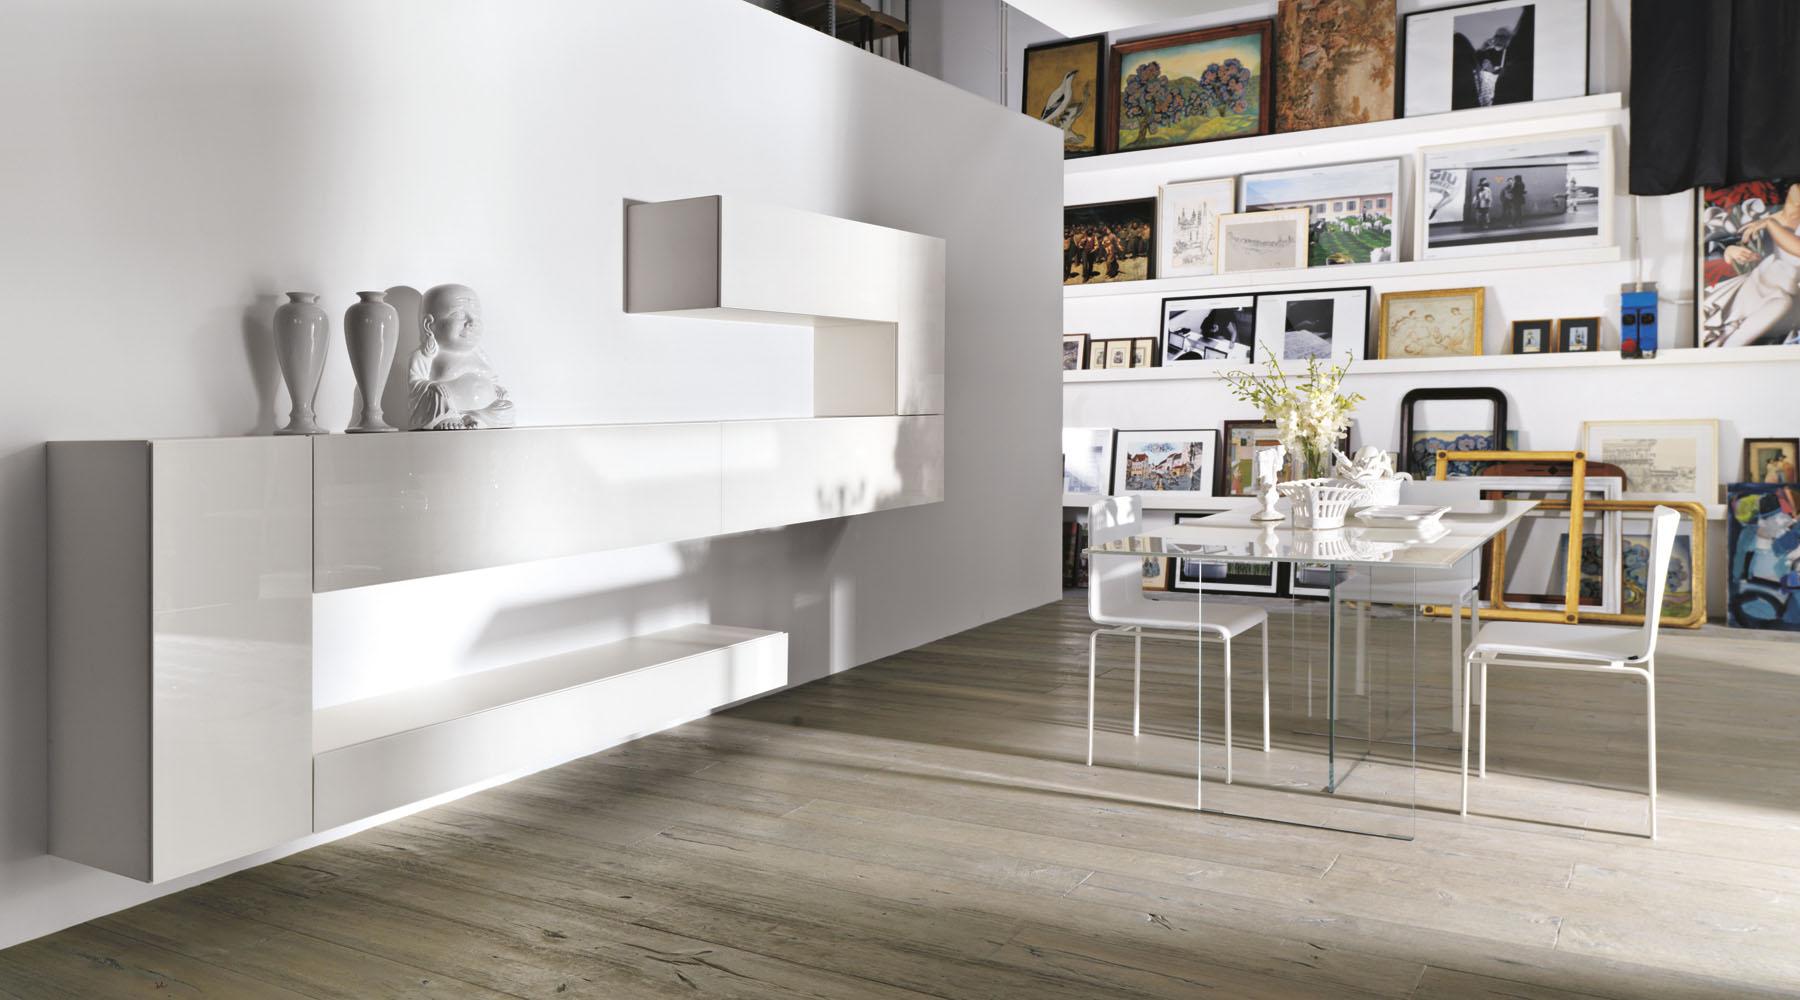 soggiorno-di-design-bianco-mobili-366e8-e-tavolo-sospeso - My Suites ...